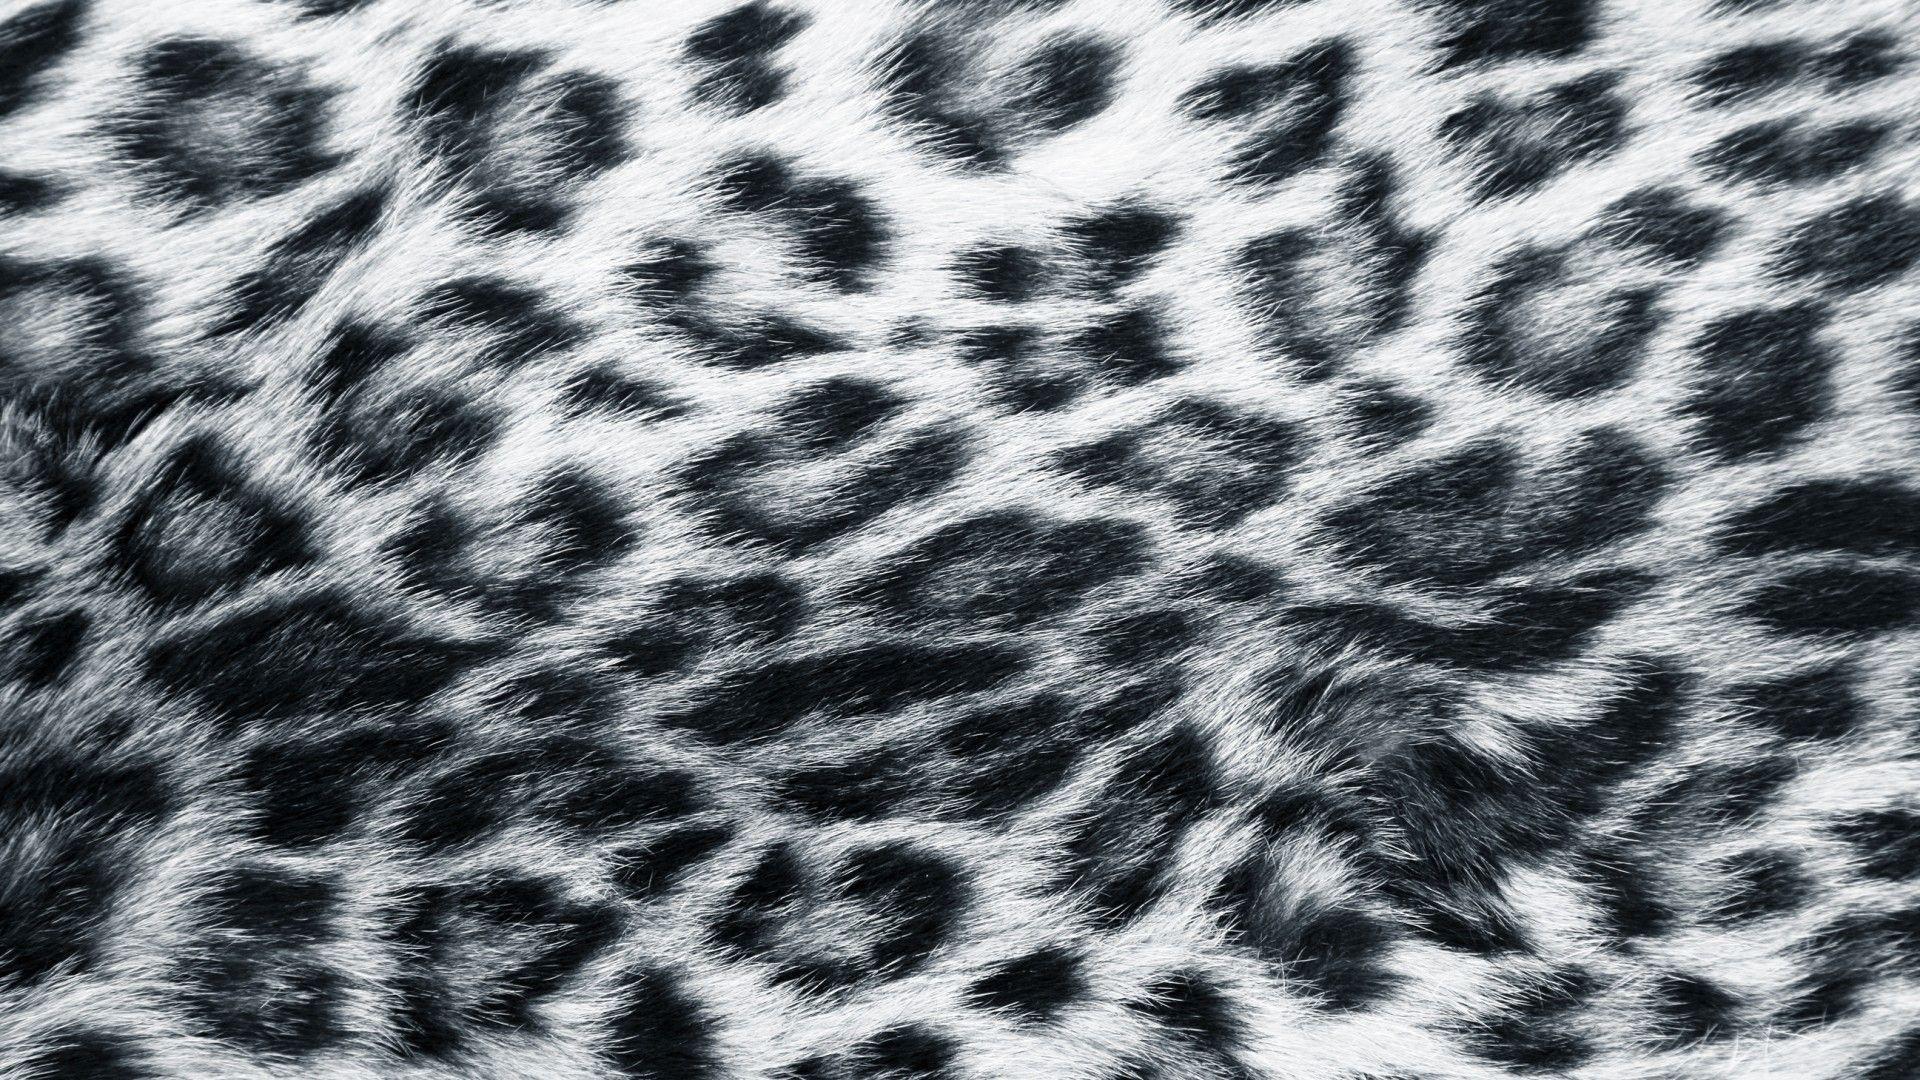 Leopard wallpaper.